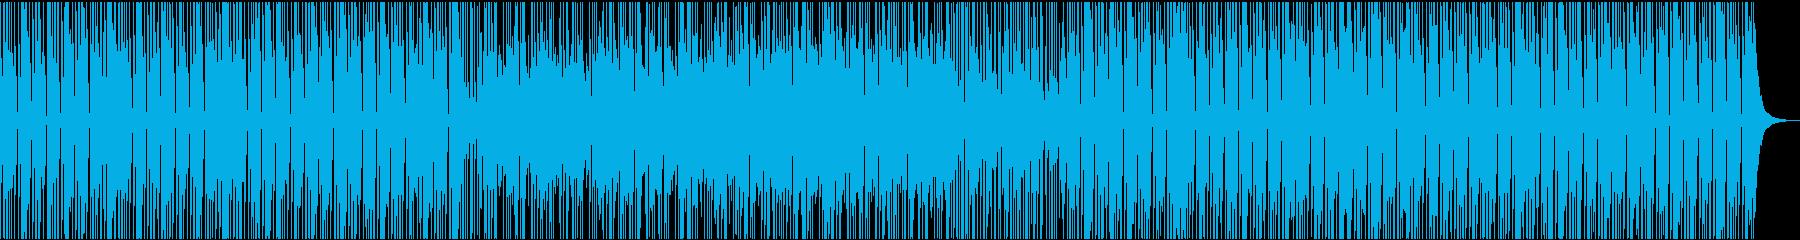 人物紹介・ルール説明・ナレーション向けの再生済みの波形